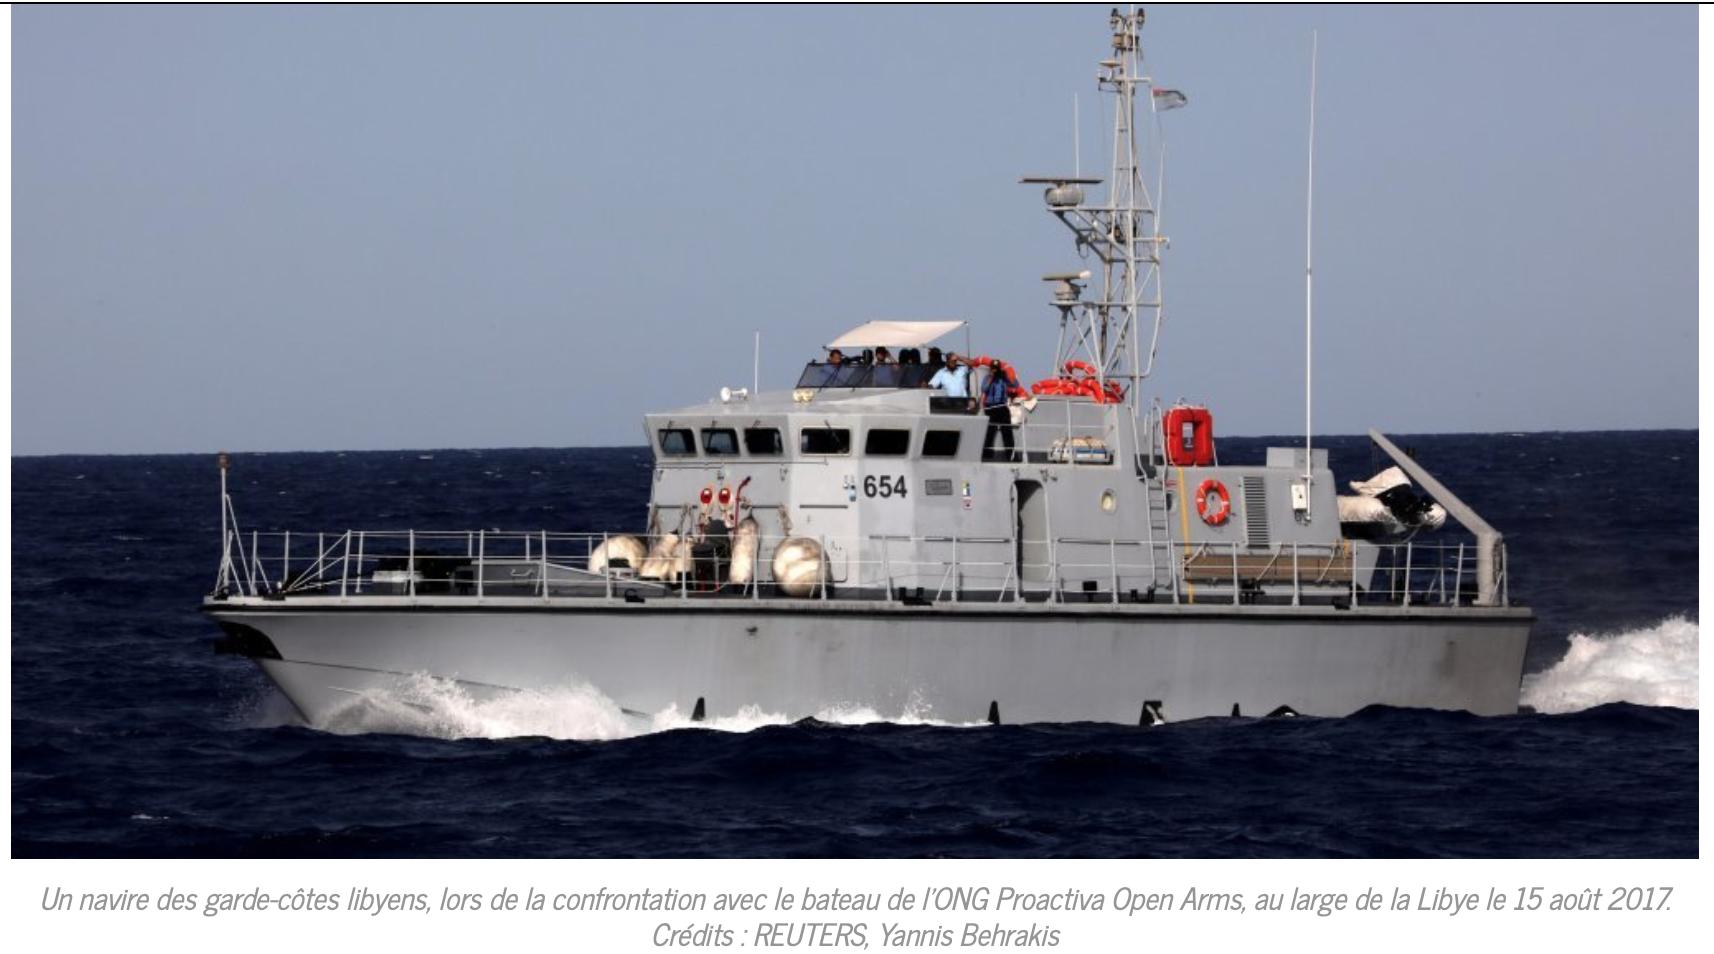 Macron copie Salvini ! Il envoie des bateaux aux garde-côtes libyens pour faire régner l'ordre !